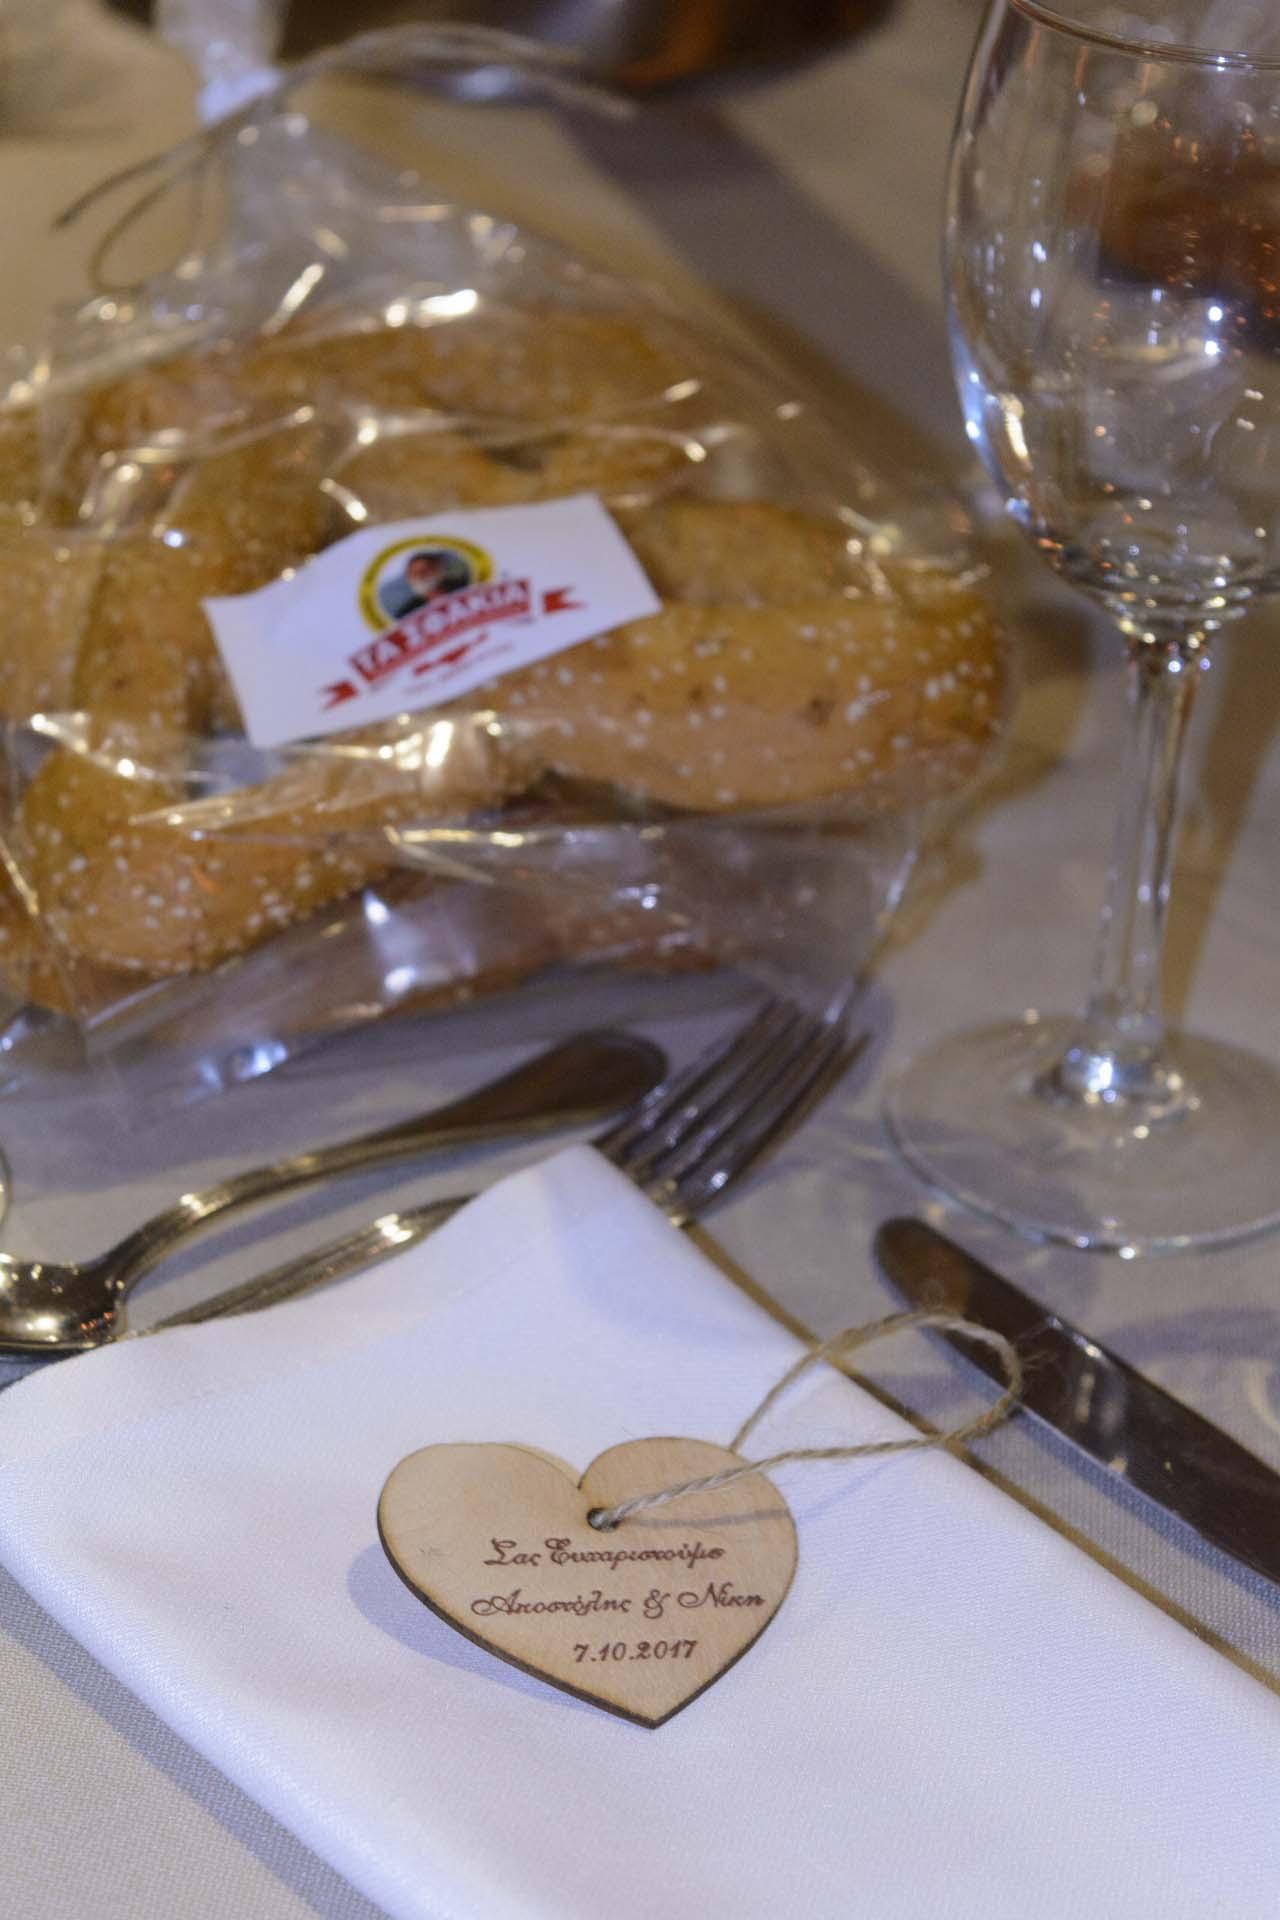 Δωράκια και γευστικές εκπλήξεις για τους καλεσμένους